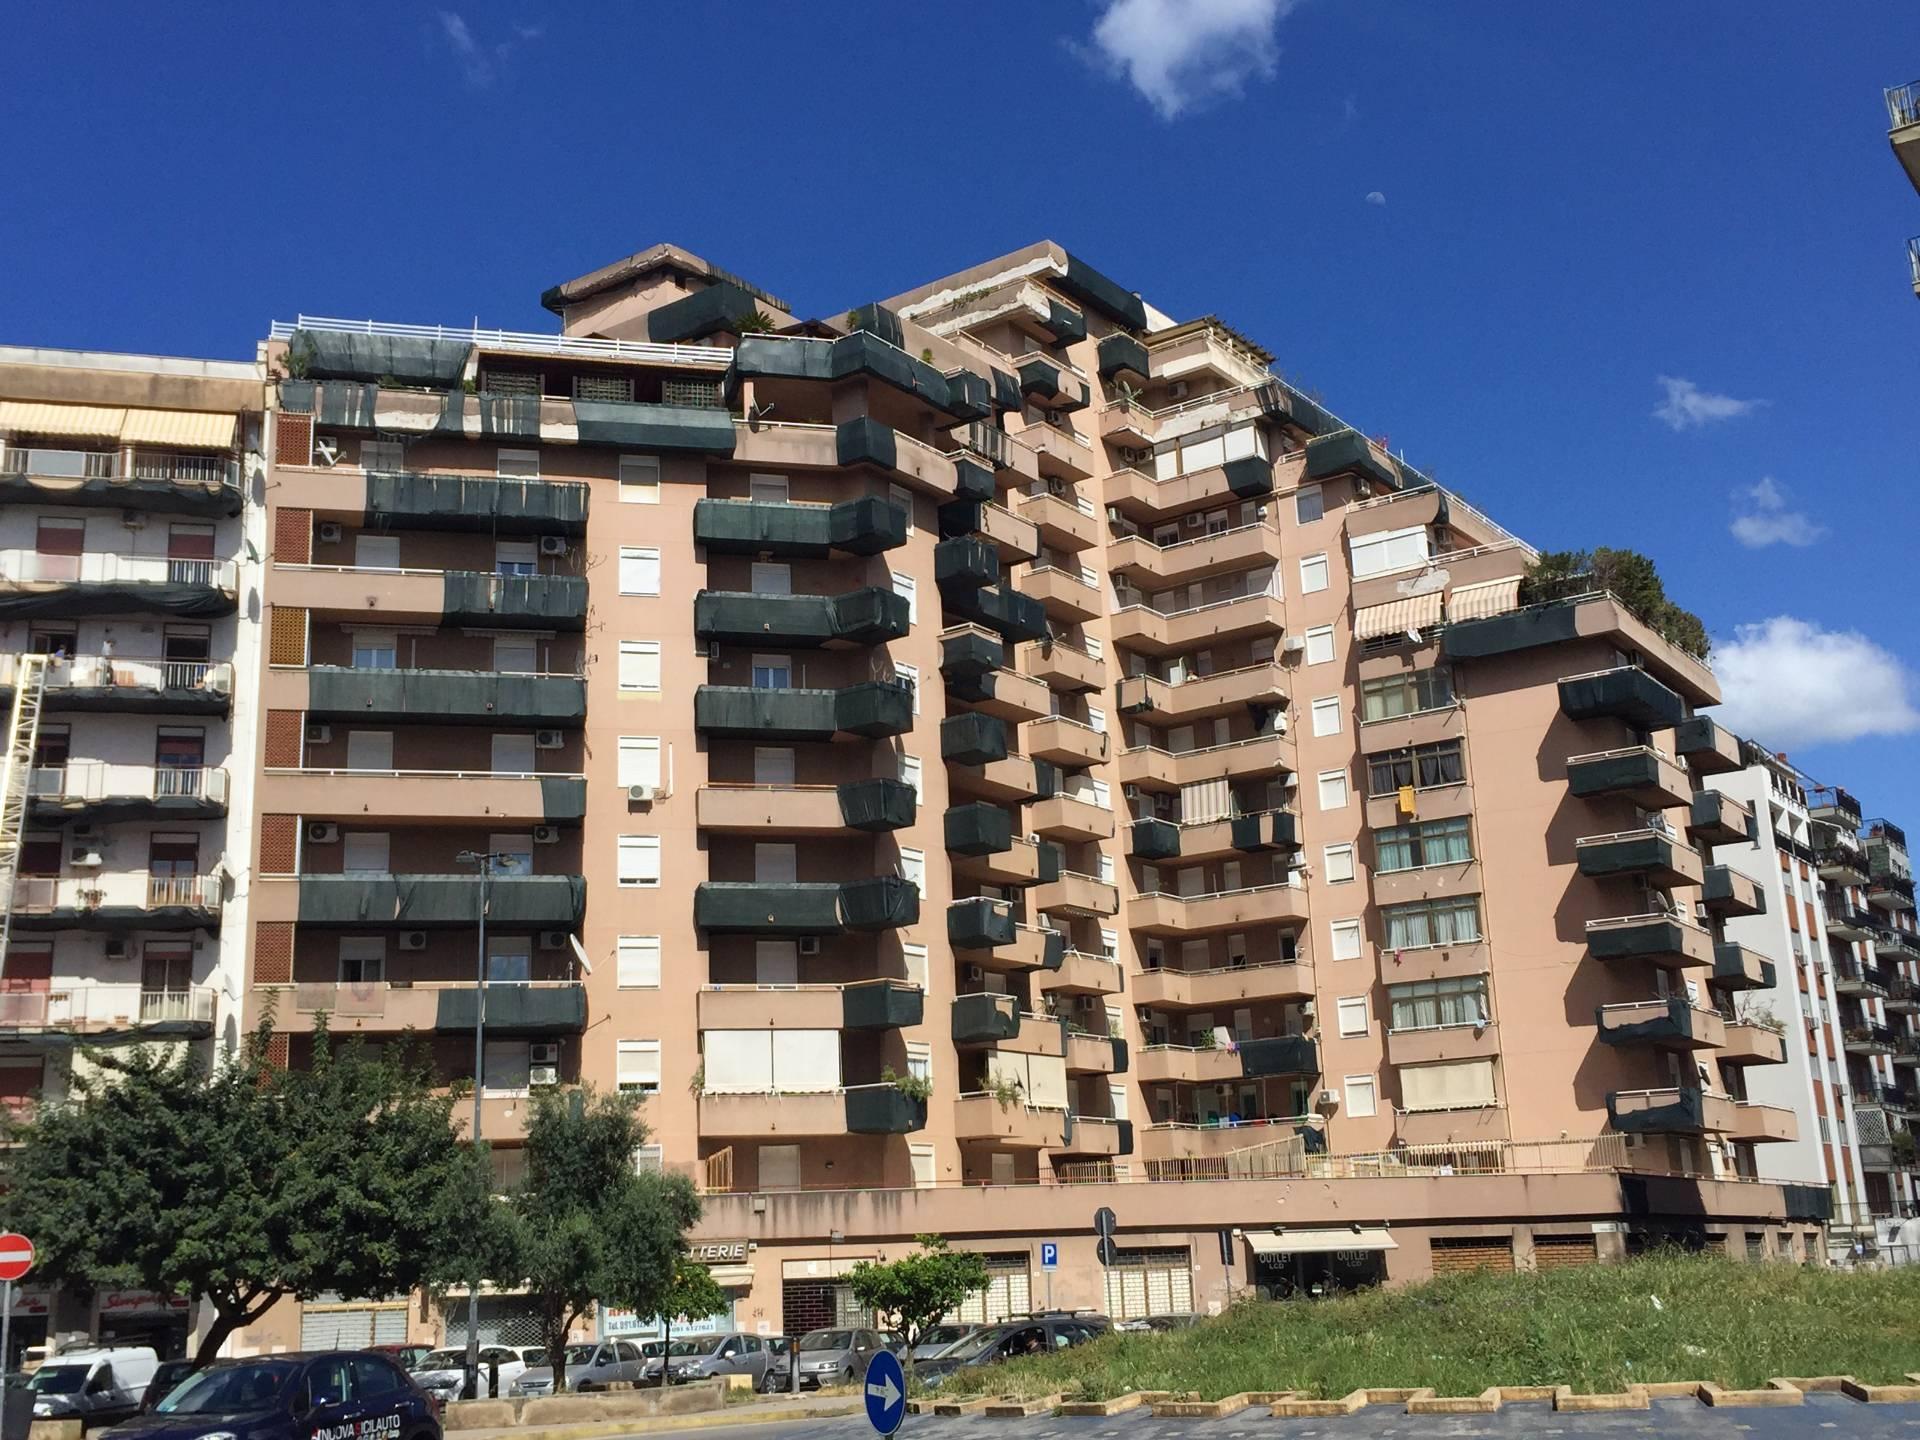 Bilocale Palermo Via Carlo Goldoni 1